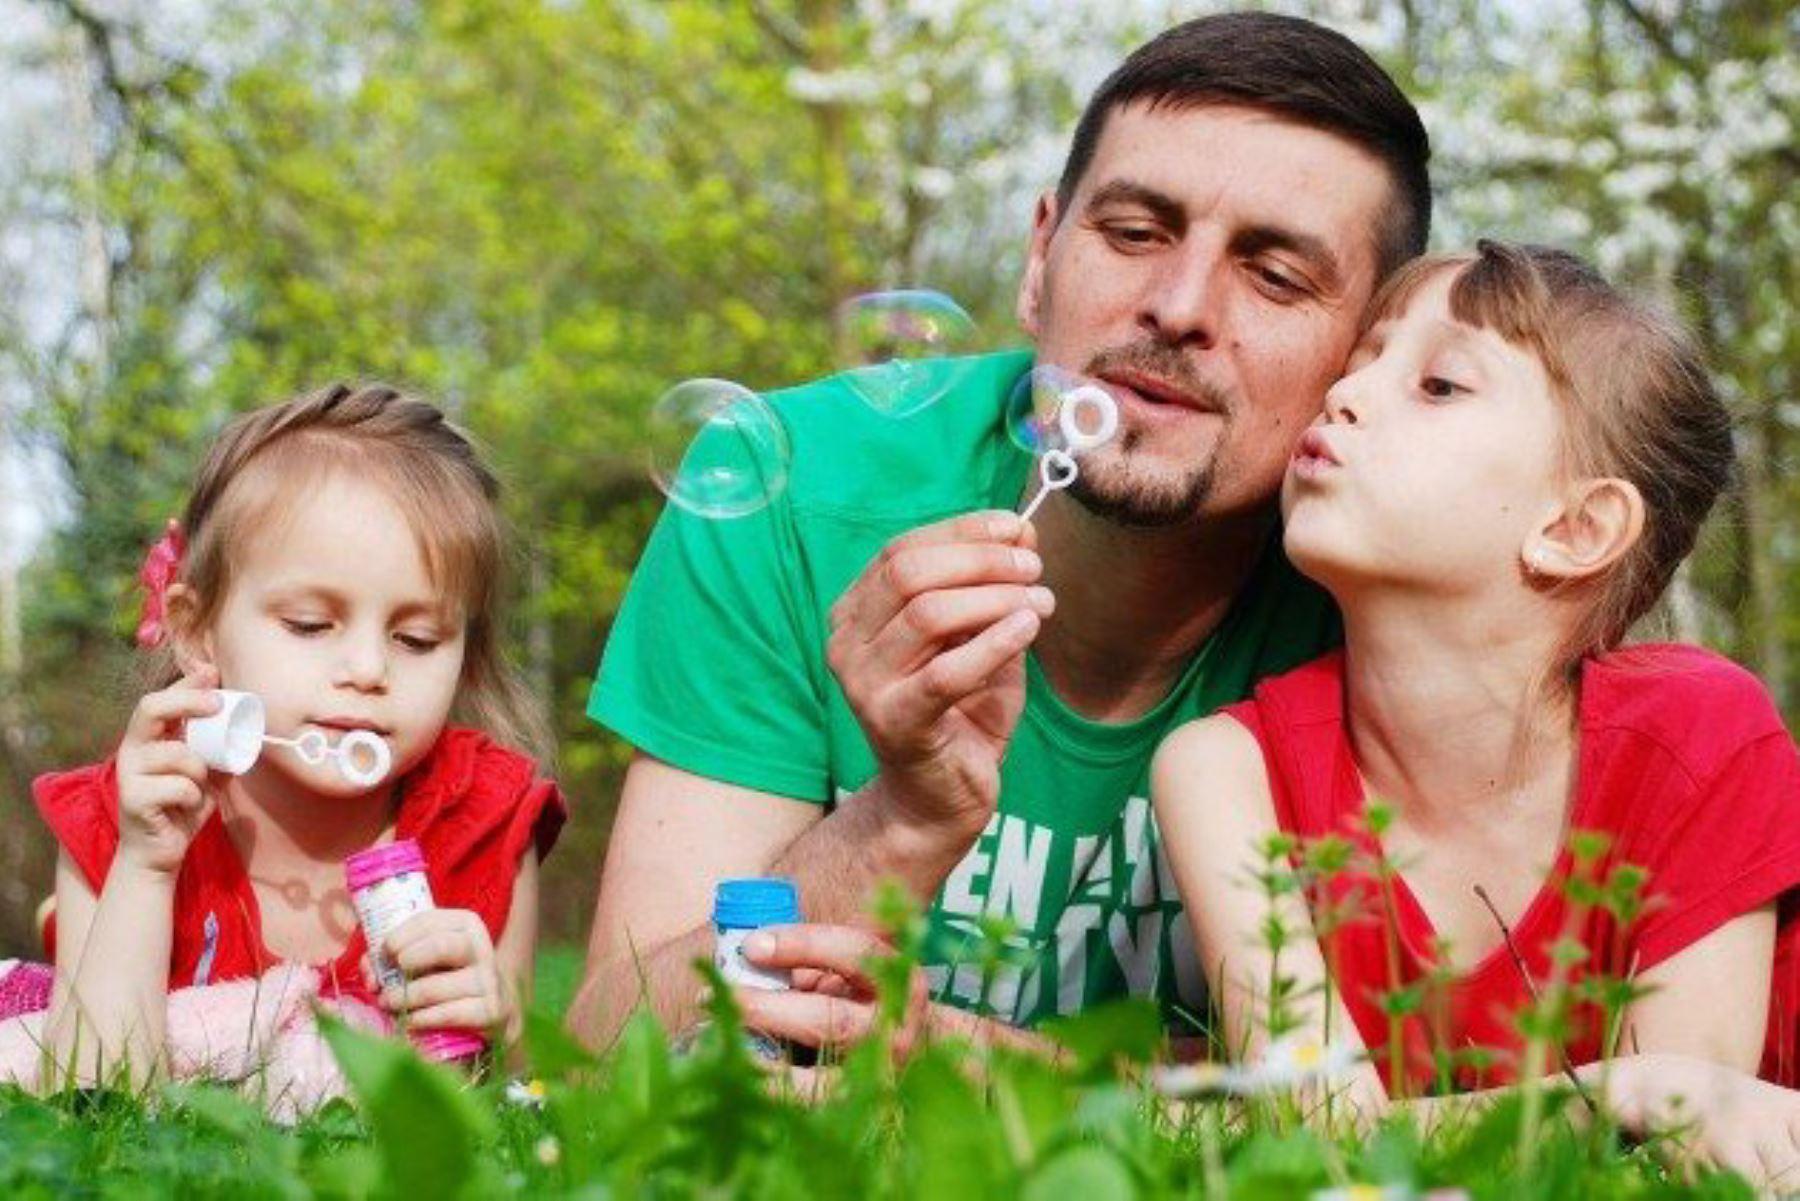 El mejor papá es el que sabe comunicarse con sus hijos y establece el principio de autoridad. Foto: INTERNET/Medios